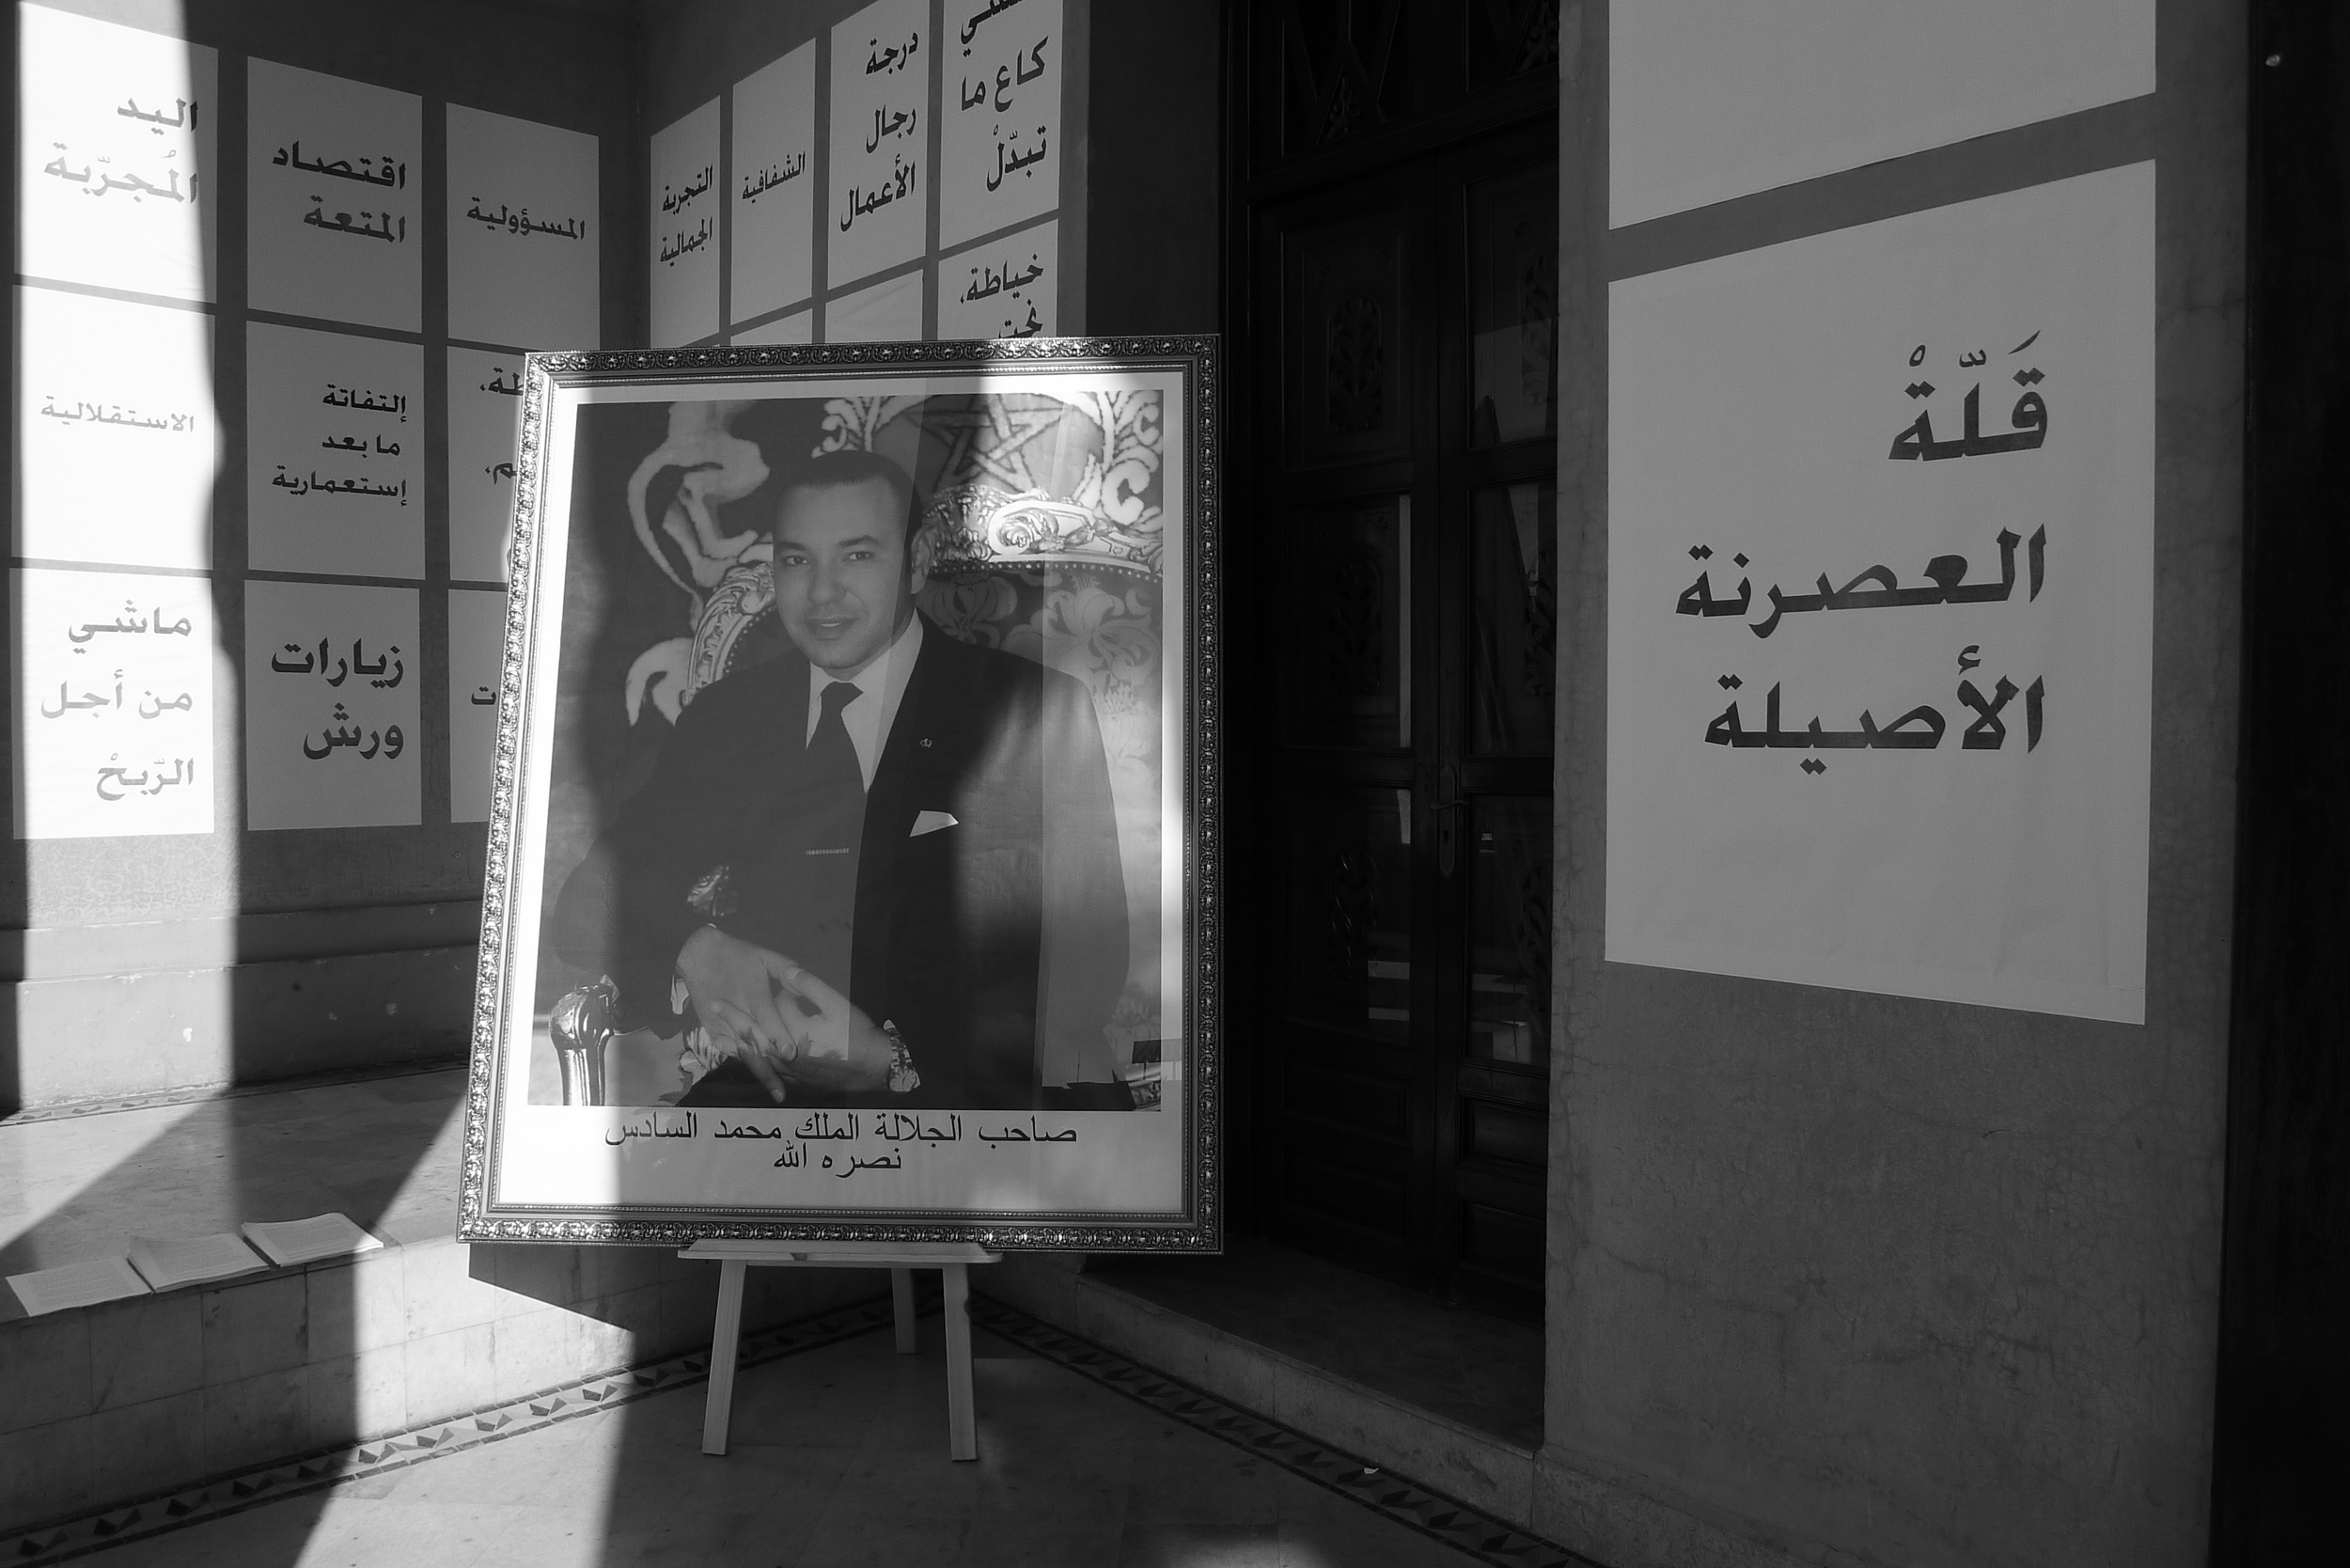 Installation View: 4th Marrakech Biennale, 2012